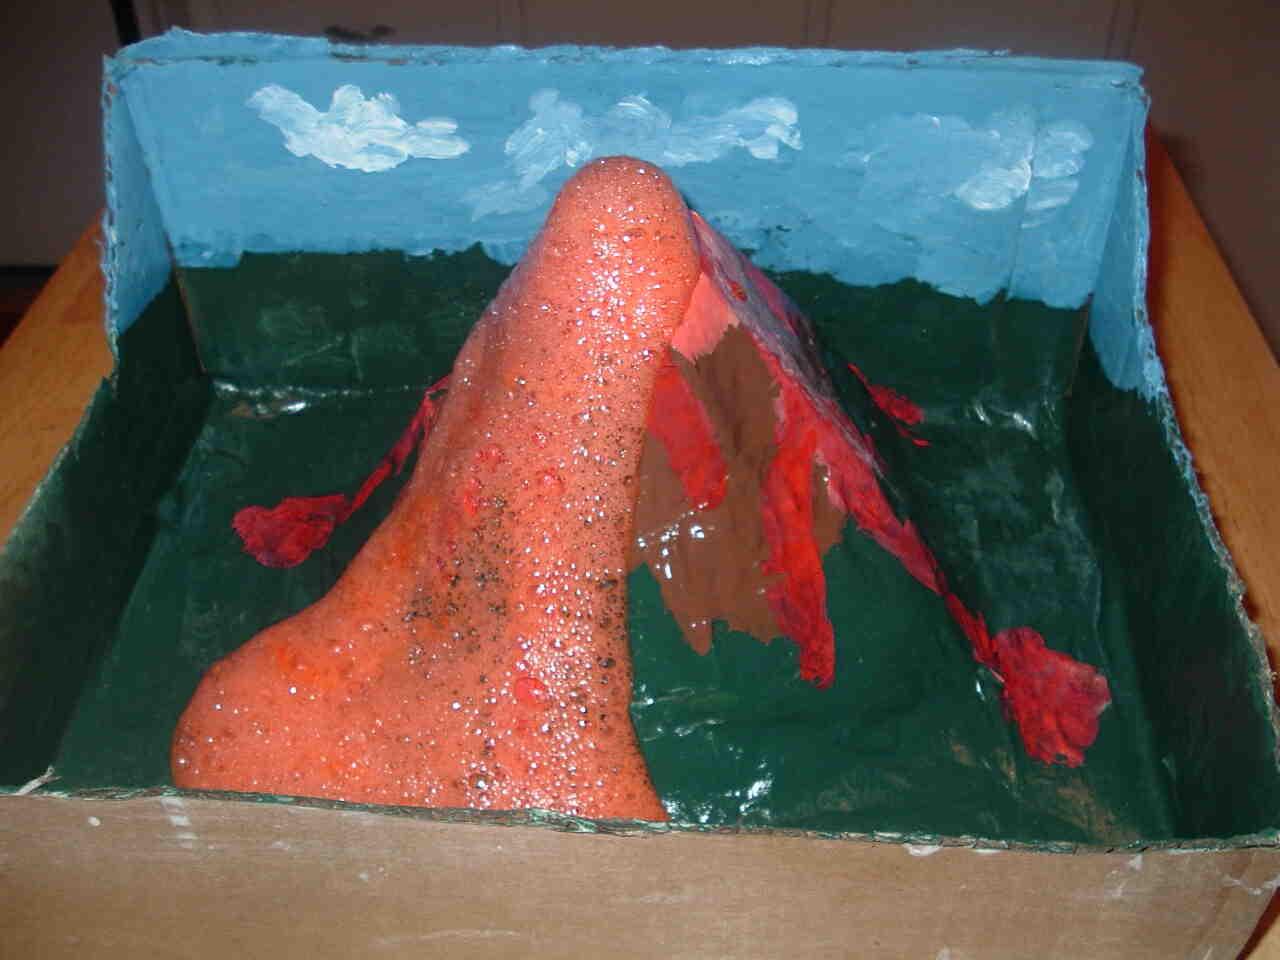 Comment faire de la lave pour une maquette de volcan ?